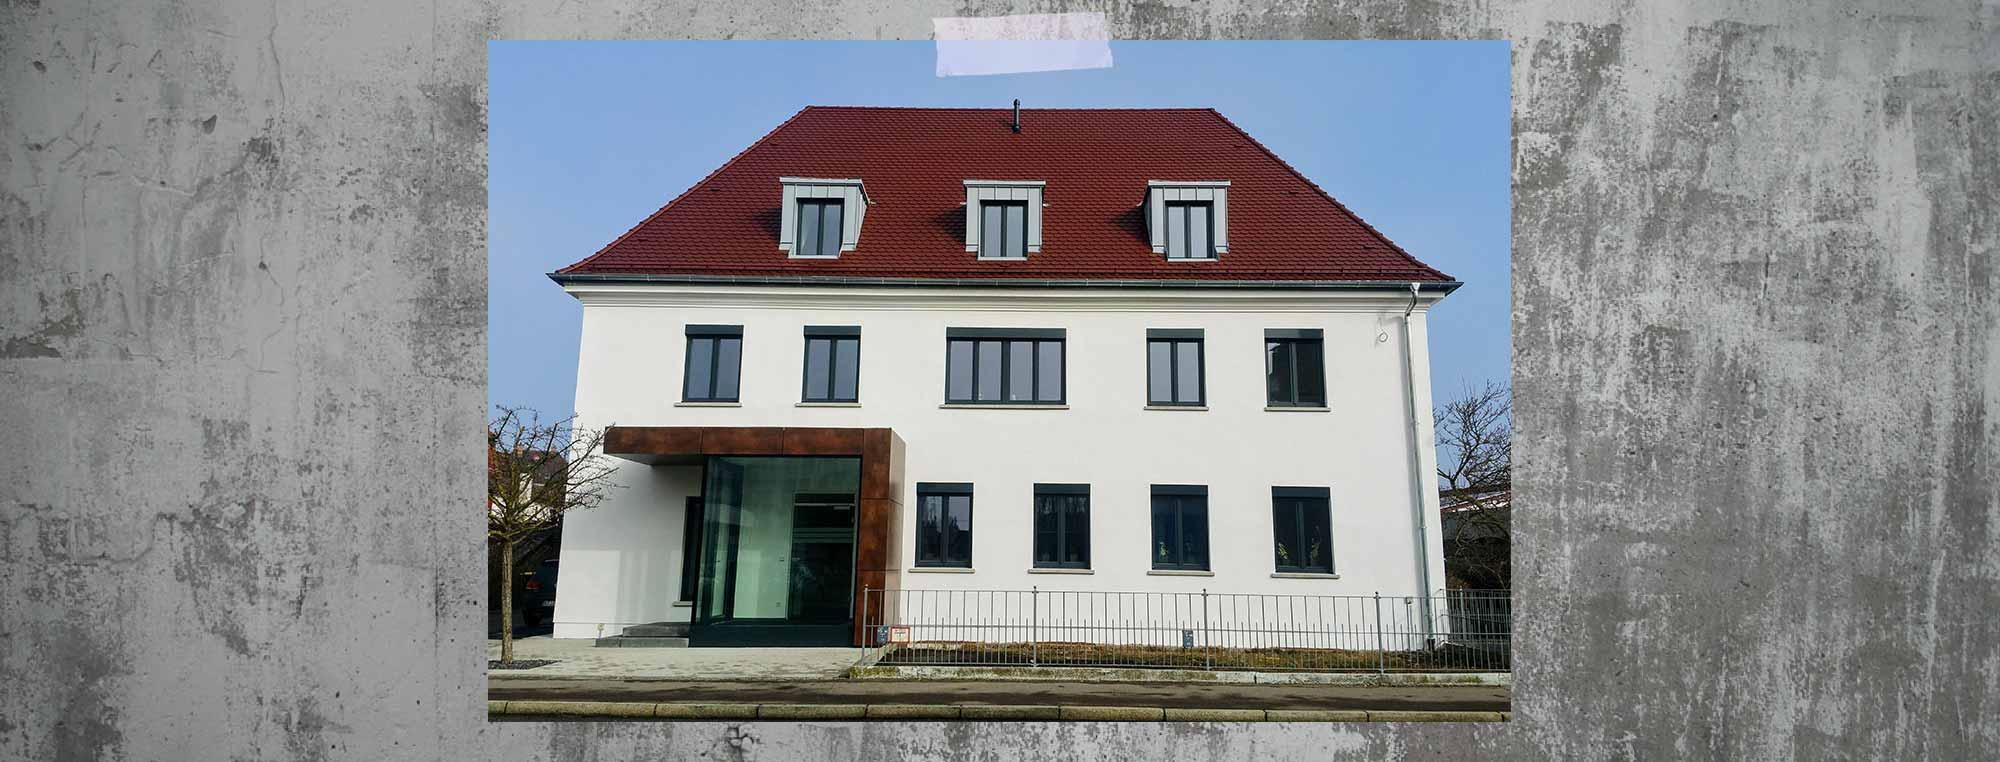 Sanierung und Erweiterung Bürogebäude Ingenieurbüro Degen Günzburg bendl Bauschnelldienst